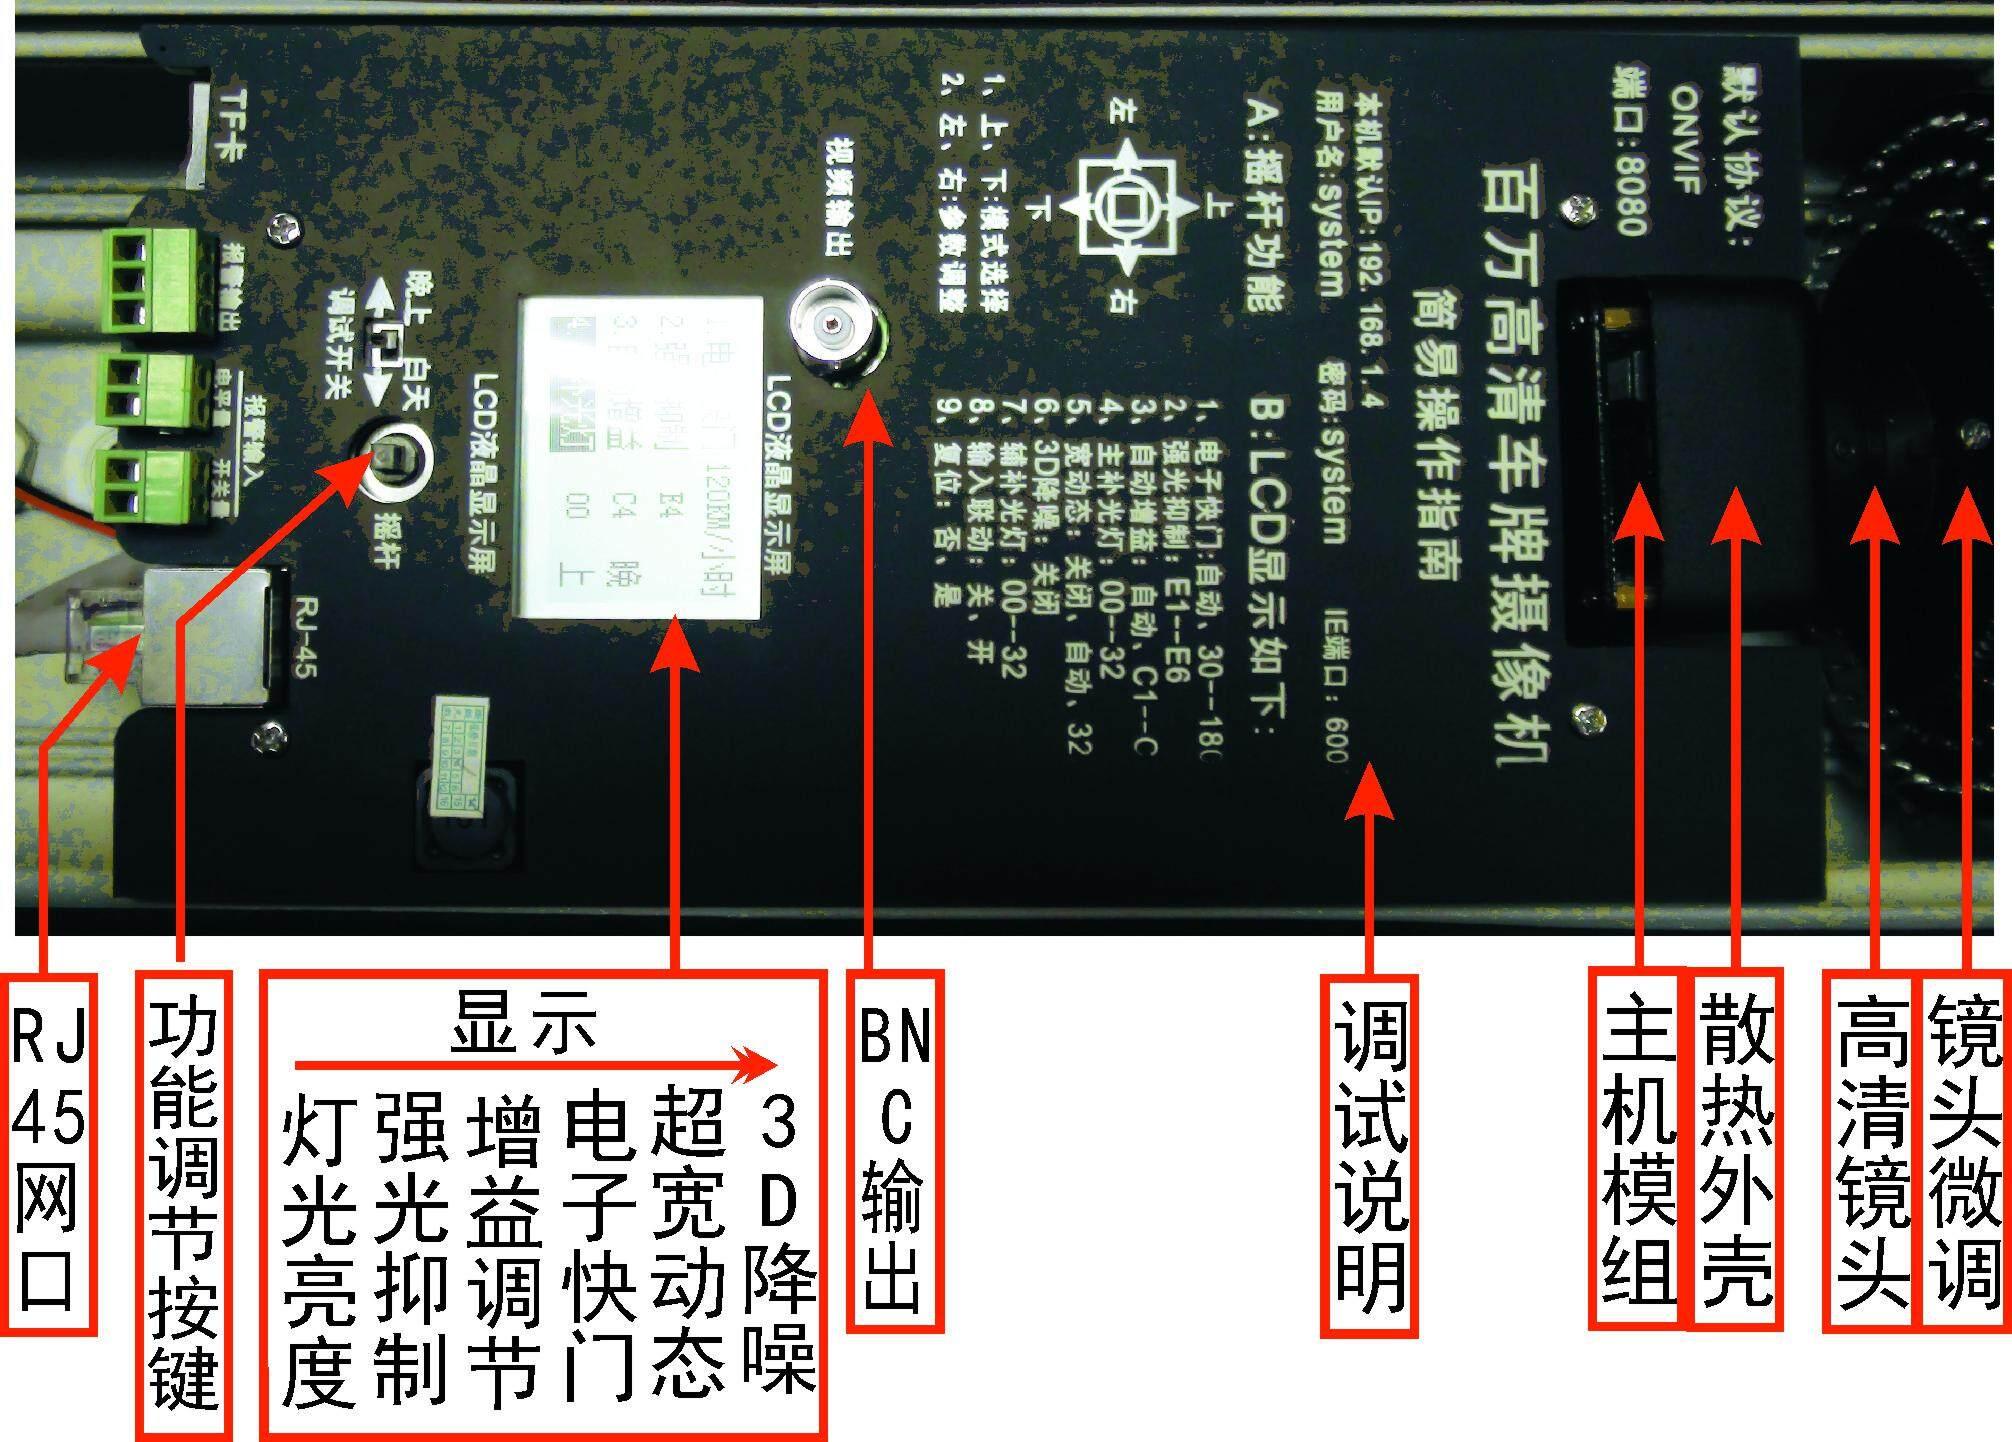 第三:210万网络照车牌摄像机产品功能特点 采用顶级SONY Exmor 1/2.8英寸210万像素逐行扫描传感器,集宽动态、低照度、高画质于一身; 嵌入式智能算法,保证夜间与白天看车牌最佳效果; 具有ONVIF 2.0协议,兼容主流NVR; 具有前端存储功能,能存图片或视频,最大支持32G; 具体电子快门可调功能; 具有强光抑制功能,且强光抑制自动转换, 从而使白天和晚上都能达到满意的监控效果; 具有超级宽动态功能; 能监控1-3车道,有30码、60码、90码、120码5种模式可选; 安